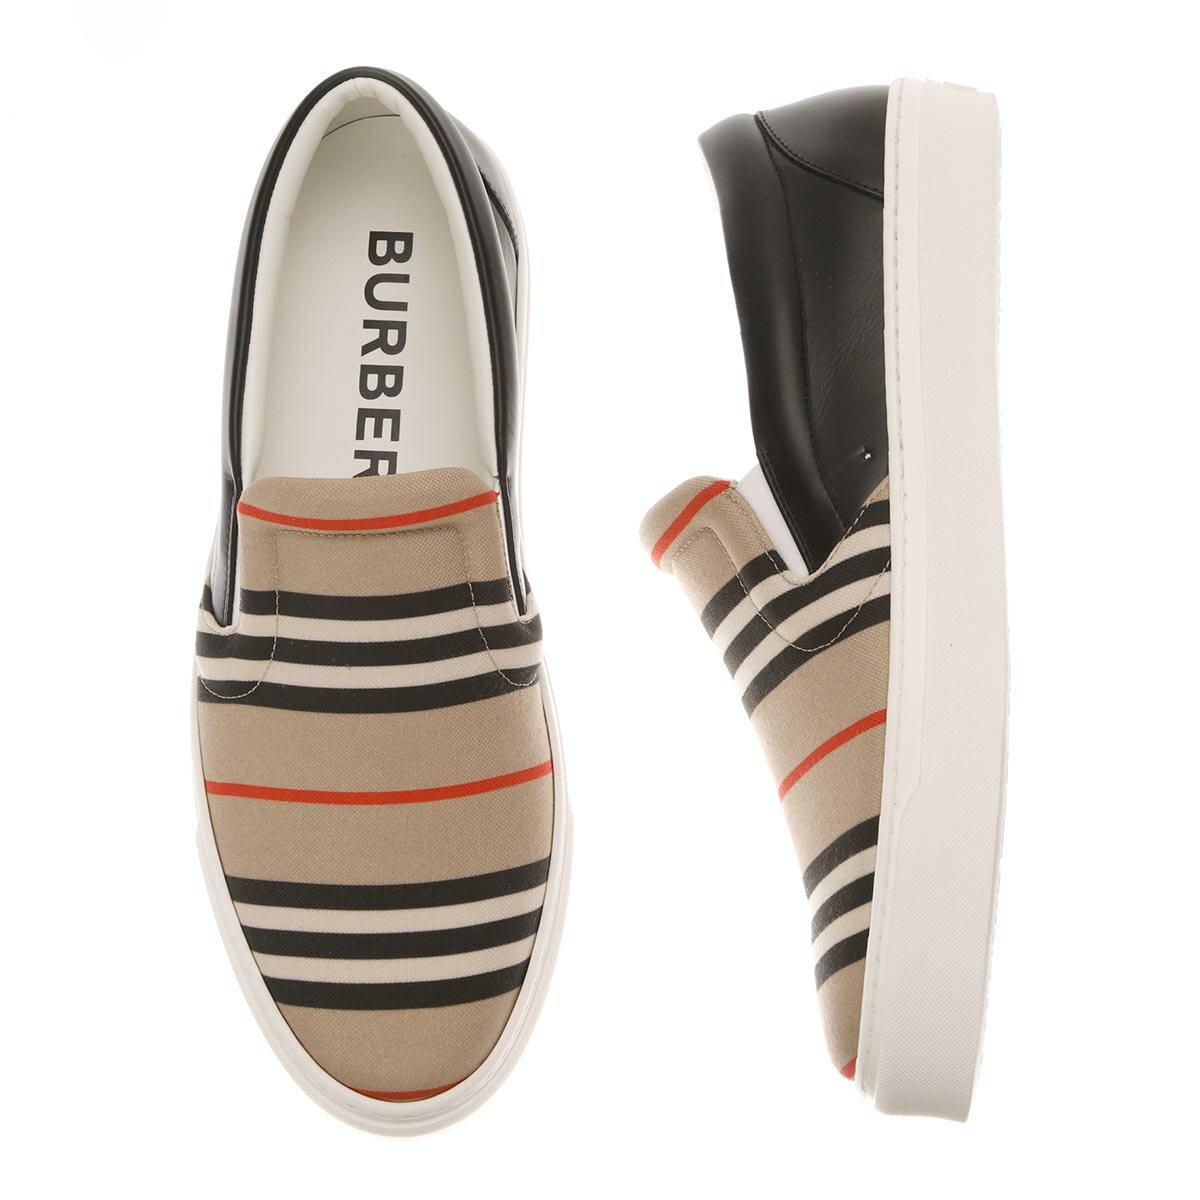 メンズ靴, スリッポン 1 BURBERRY 8037276 archivebeige